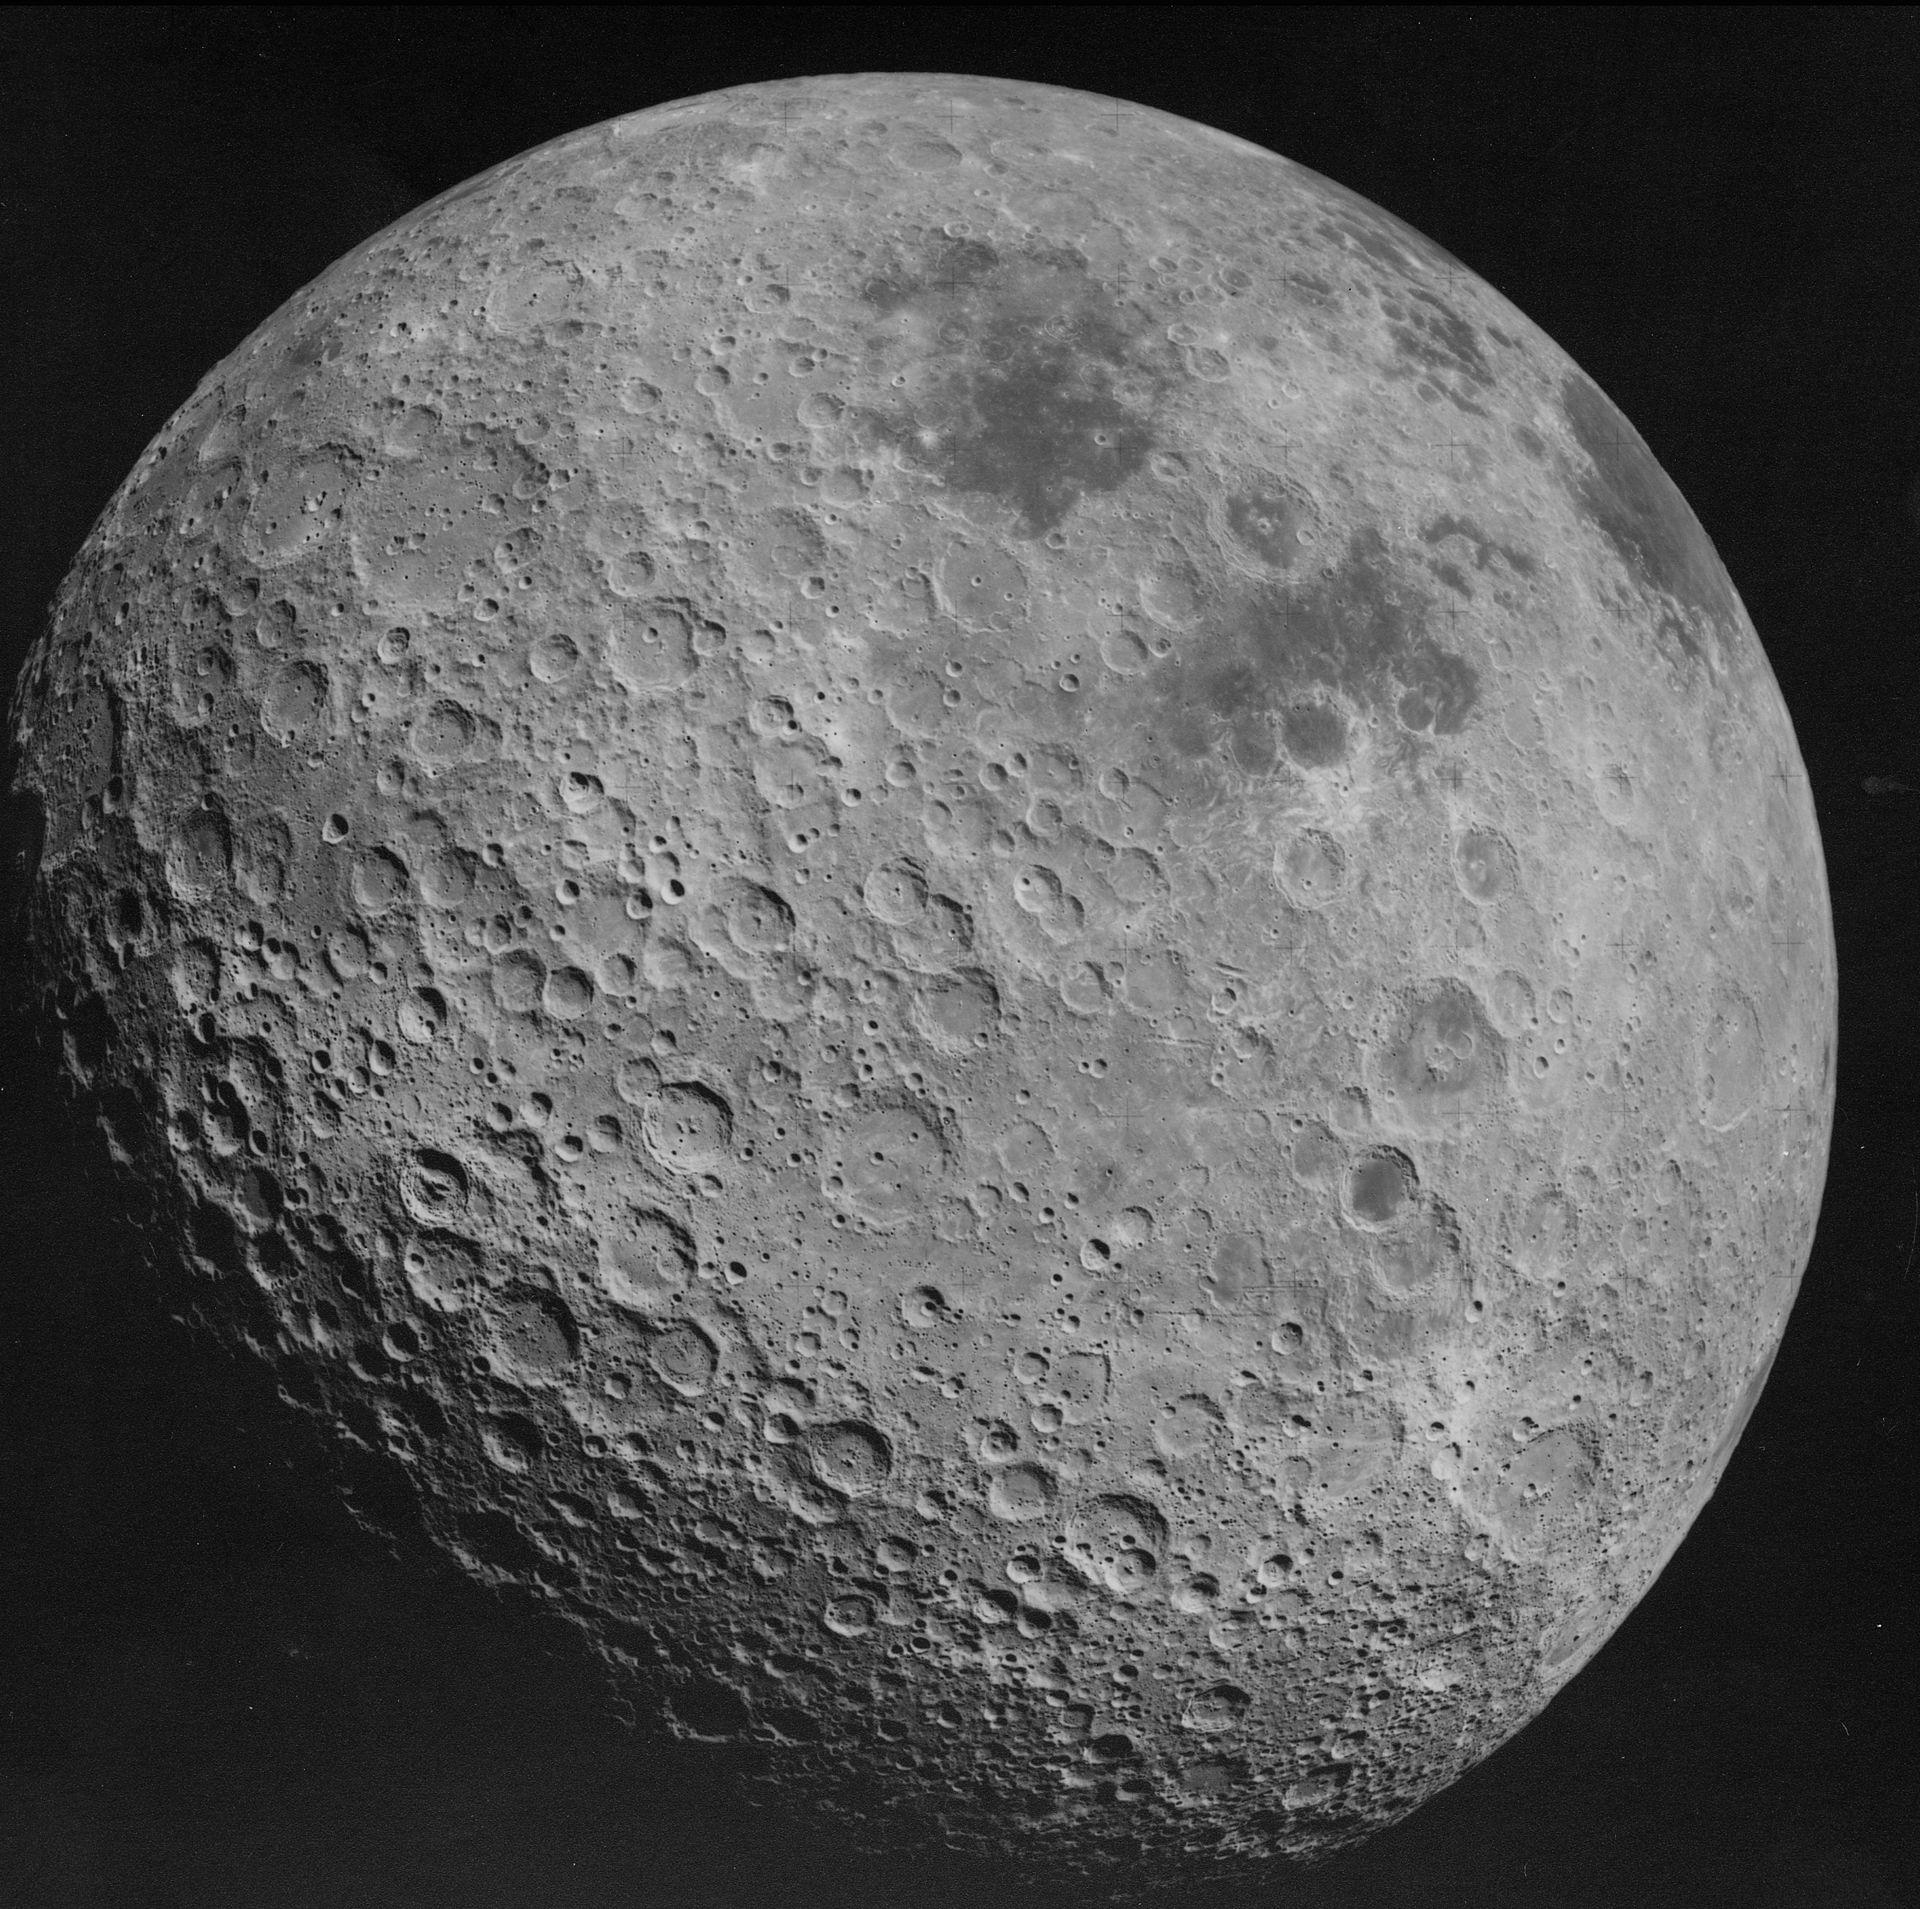 Odvrácená strana Měsíce vyfotografovaná během mise Apollo 16 v roce 1972